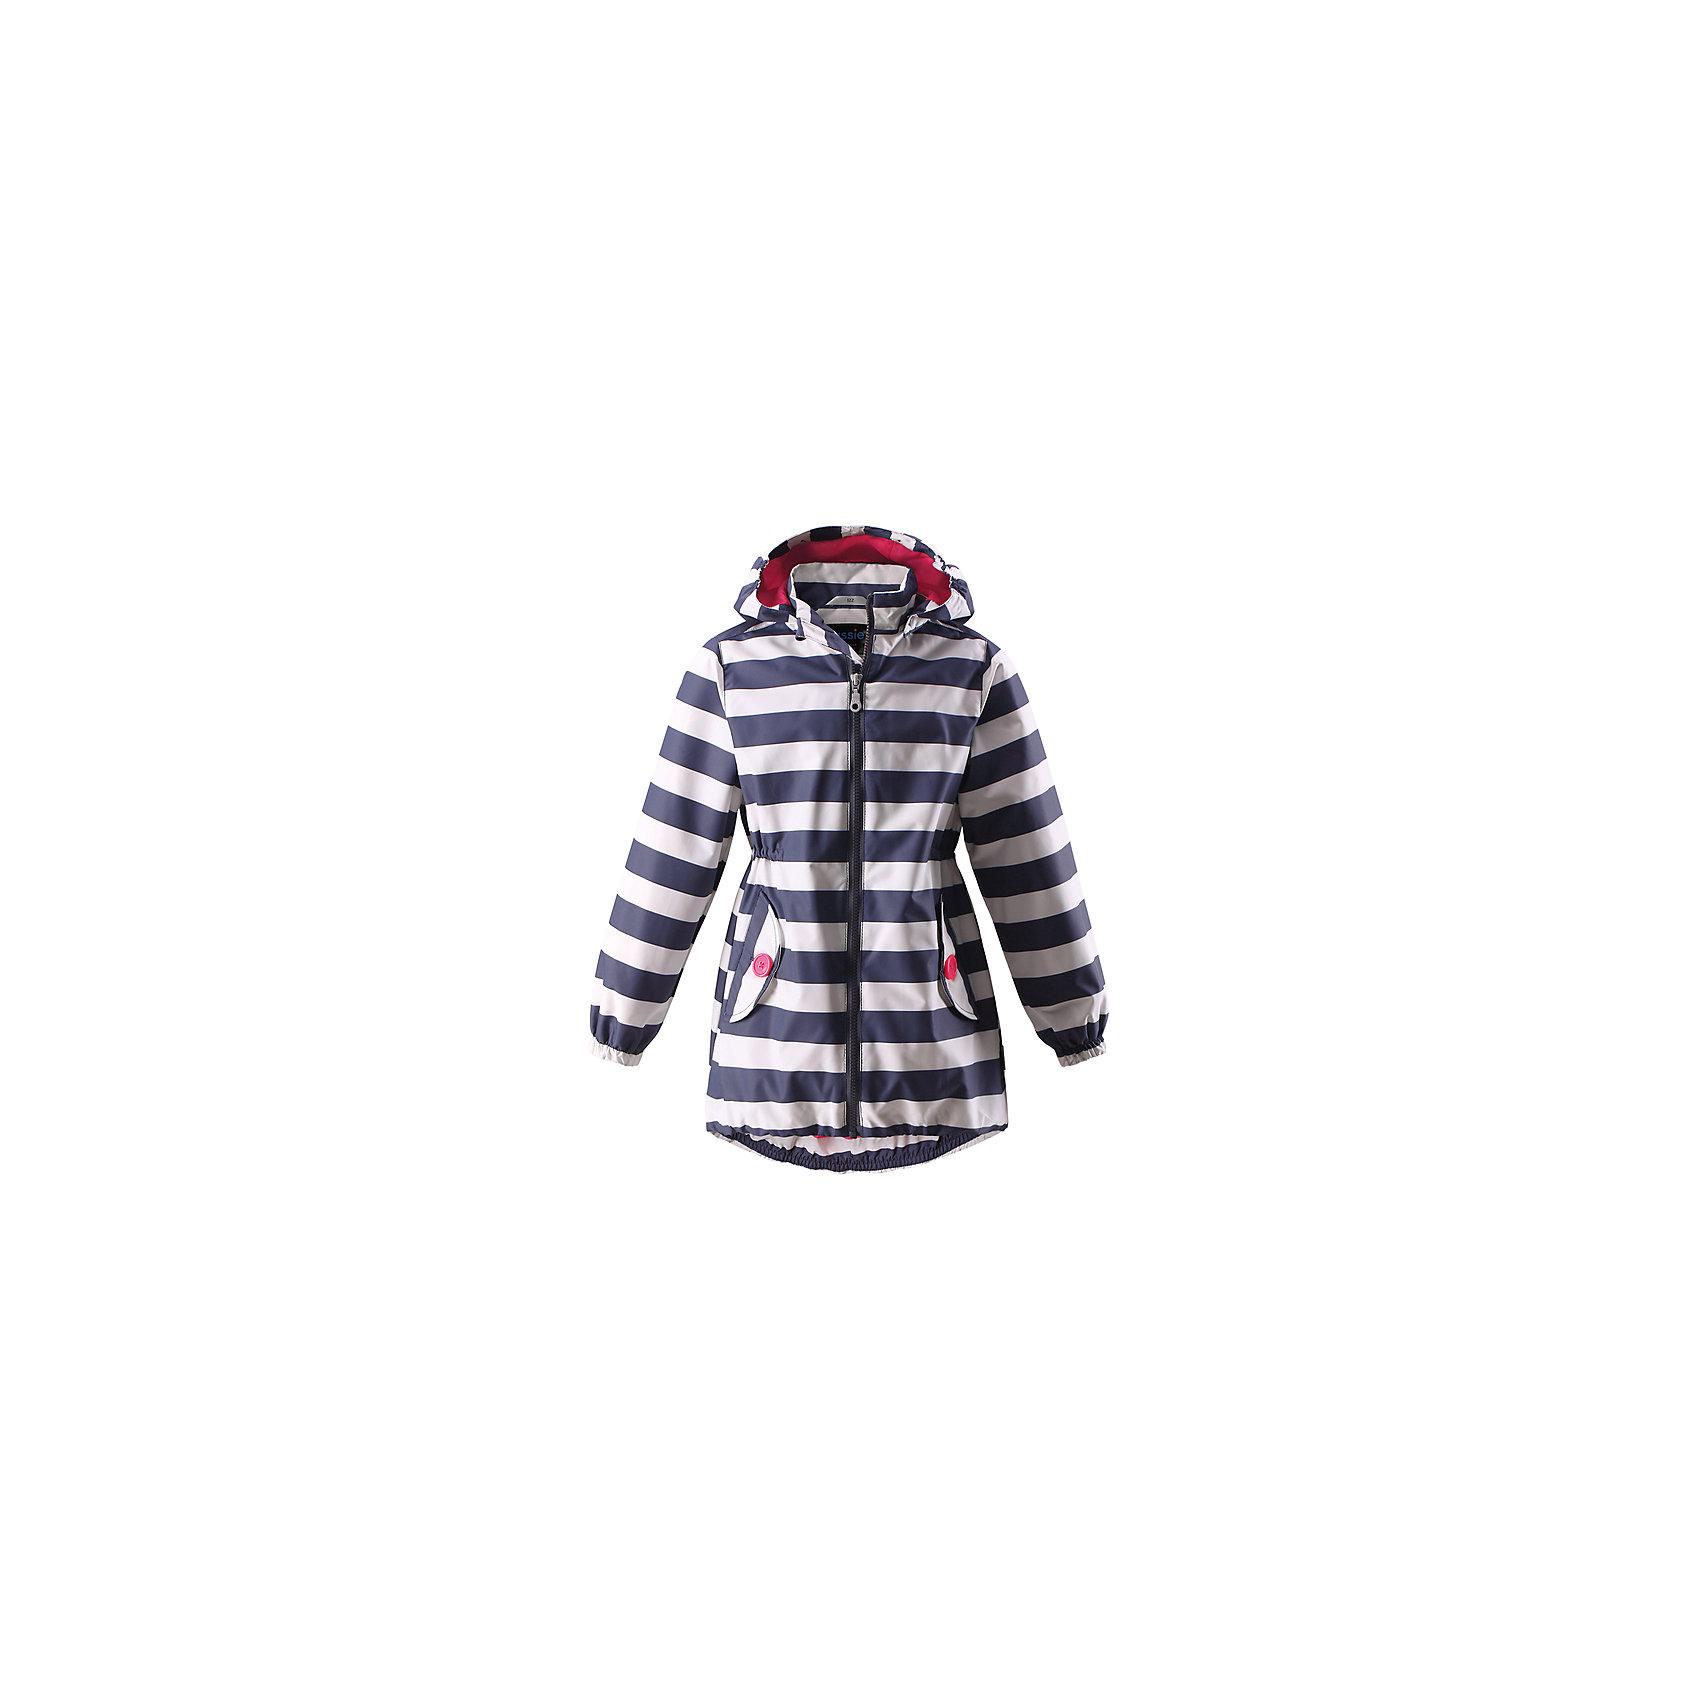 Куртка для девочки LassieОдежда<br>Характеристики товара:<br><br>• цвет: синий в полоску<br>• сезон: демисезон<br>• температурный режим: +10 до +20<br>• состав: 100% полиэстер, полиуретановое покрытие<br>• водоотталкивающий, ветронепроницаемый и «дышащий» материал<br>• подкладка: гладкий полиэстер<br>• обхват талии регулируется<br>• карманы <br>• отстегивающийся капюшон<br>• молния<br>• эластичная кромка подола<br>• эластичные манжеты<br>• без утеплителя<br>• страна производства: Китай<br>• страна бренда: Финляндия<br><br>Демисезонная куртка поможет обеспечить ребенку комфорт и тепло. <br><br>Материал - водоотталкивающий, ветронепроницаемый и «дышащий». <br><br>Обувь и одежда от финского бренда LASSIE by Reima пользуются популярностью во многих странах. Они стильные, качественные и удобные. <br><br>Порадуйте ребенка модными и красивыми вещами от Lassie®! <br><br>Куртку для девочки от финского бренда LASSIE  можно купить в нашем интернет-магазине.<br><br>Ширина мм: 356<br>Глубина мм: 10<br>Высота мм: 245<br>Вес г: 519<br>Цвет: синий<br>Возраст от месяцев: 48<br>Возраст до месяцев: 60<br>Пол: Женский<br>Возраст: Детский<br>Размер: 140,92,98,104,116,122,128,134,110<br>SKU: 5520821